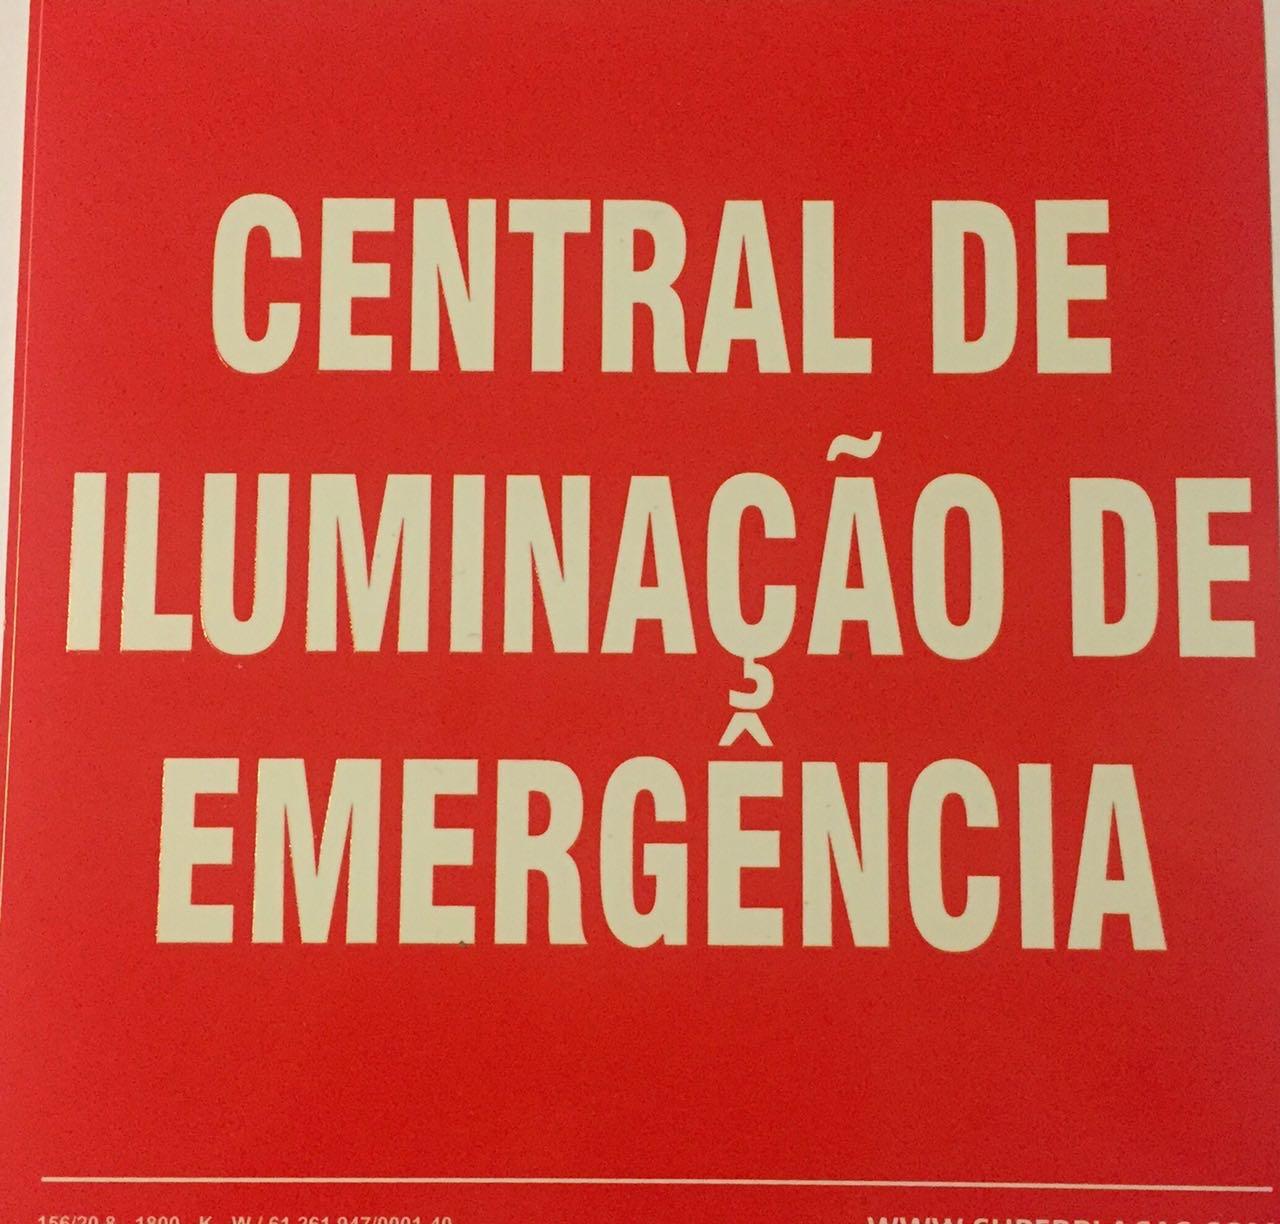 Placa Sinalização  Central de Iluminação de Emergência Fotoluminescente